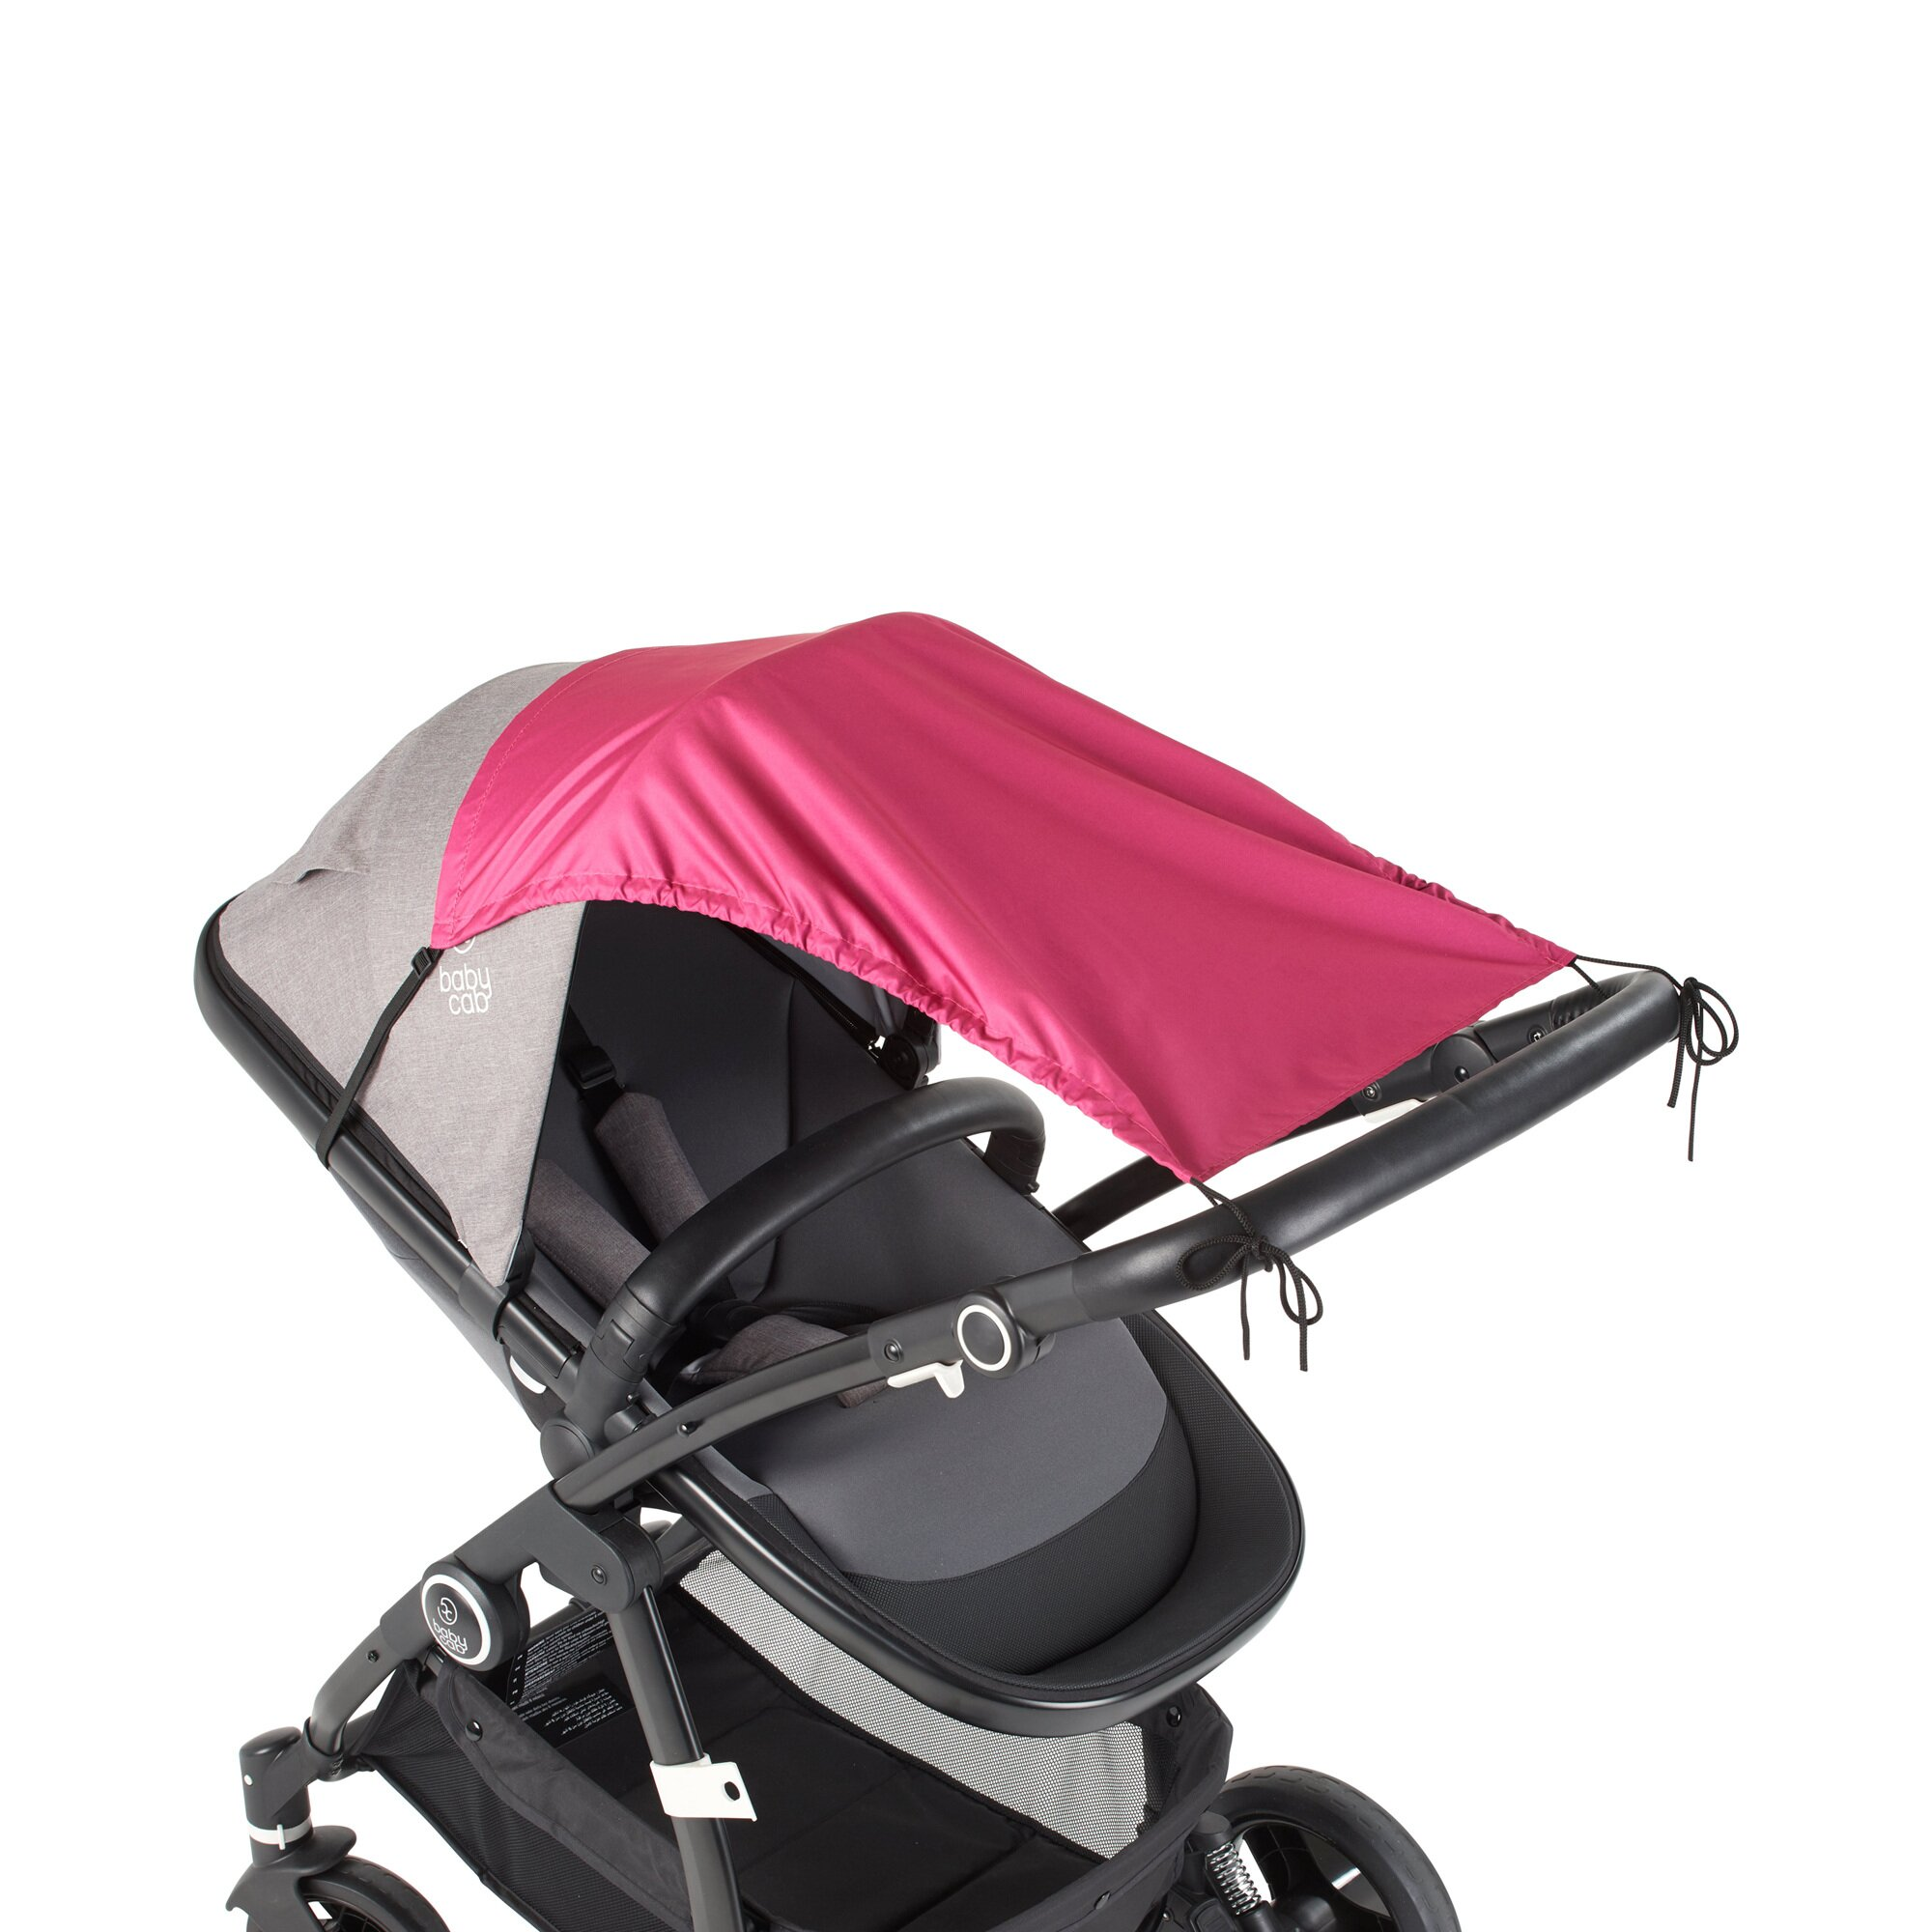 Babycab Sonnensegel mit UV-Schutz 50+ pink